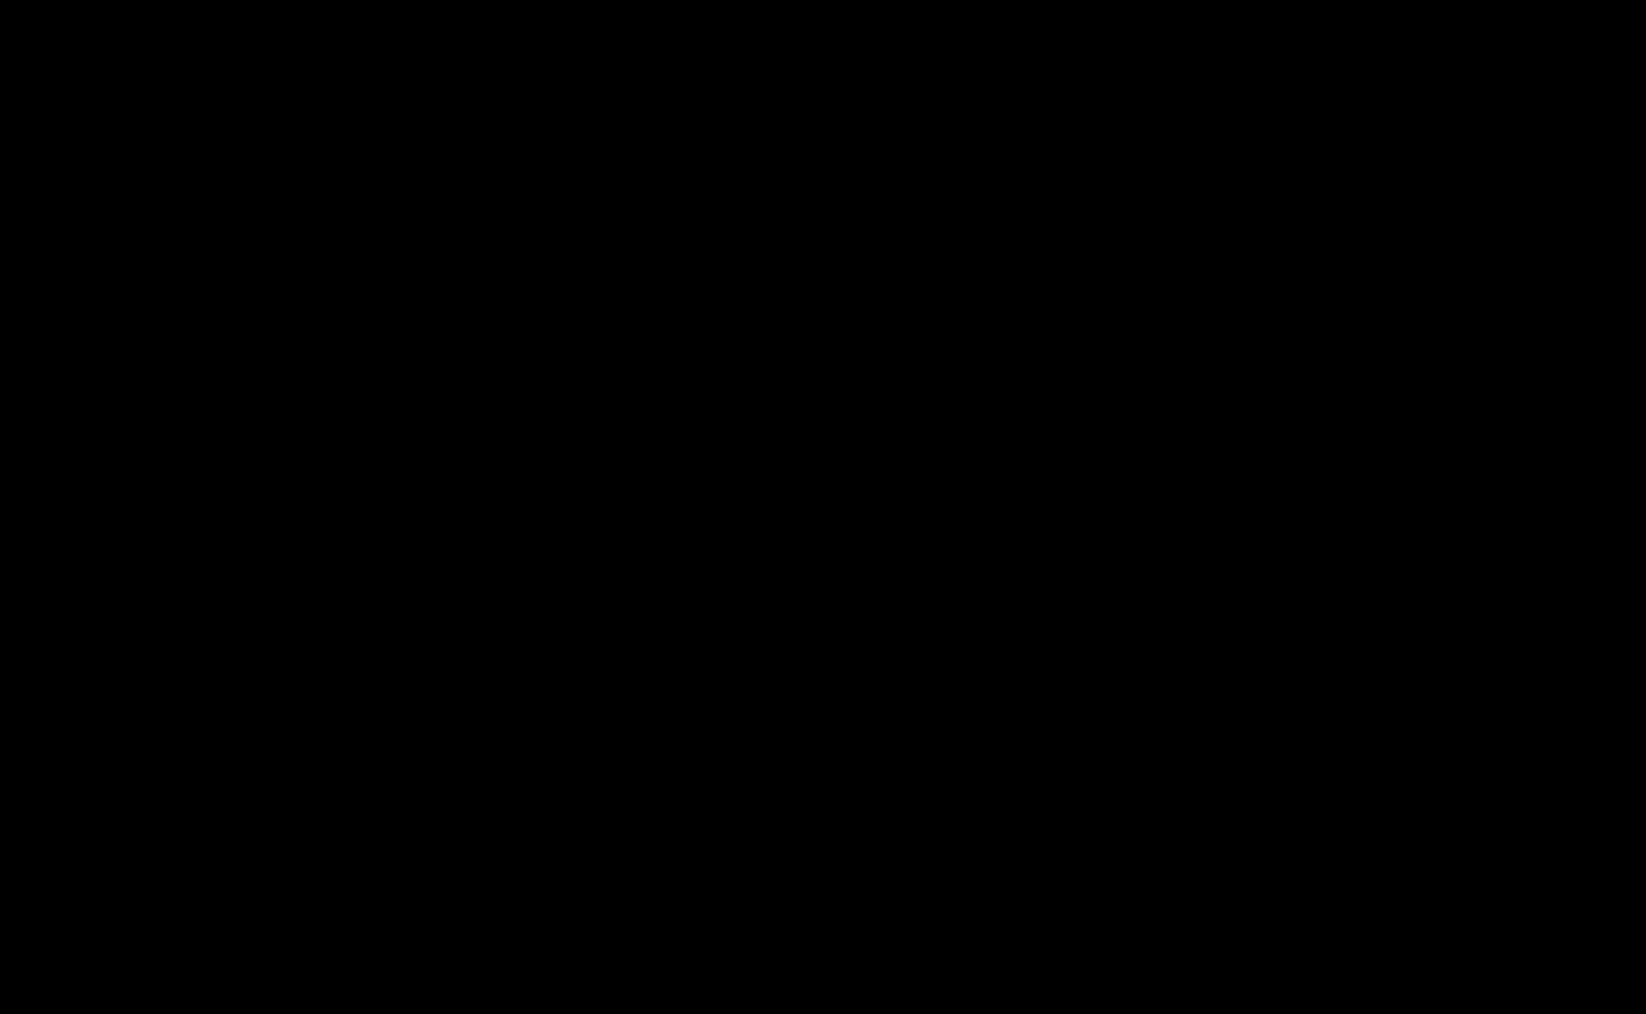 P7C3-d<sub>5</sub>